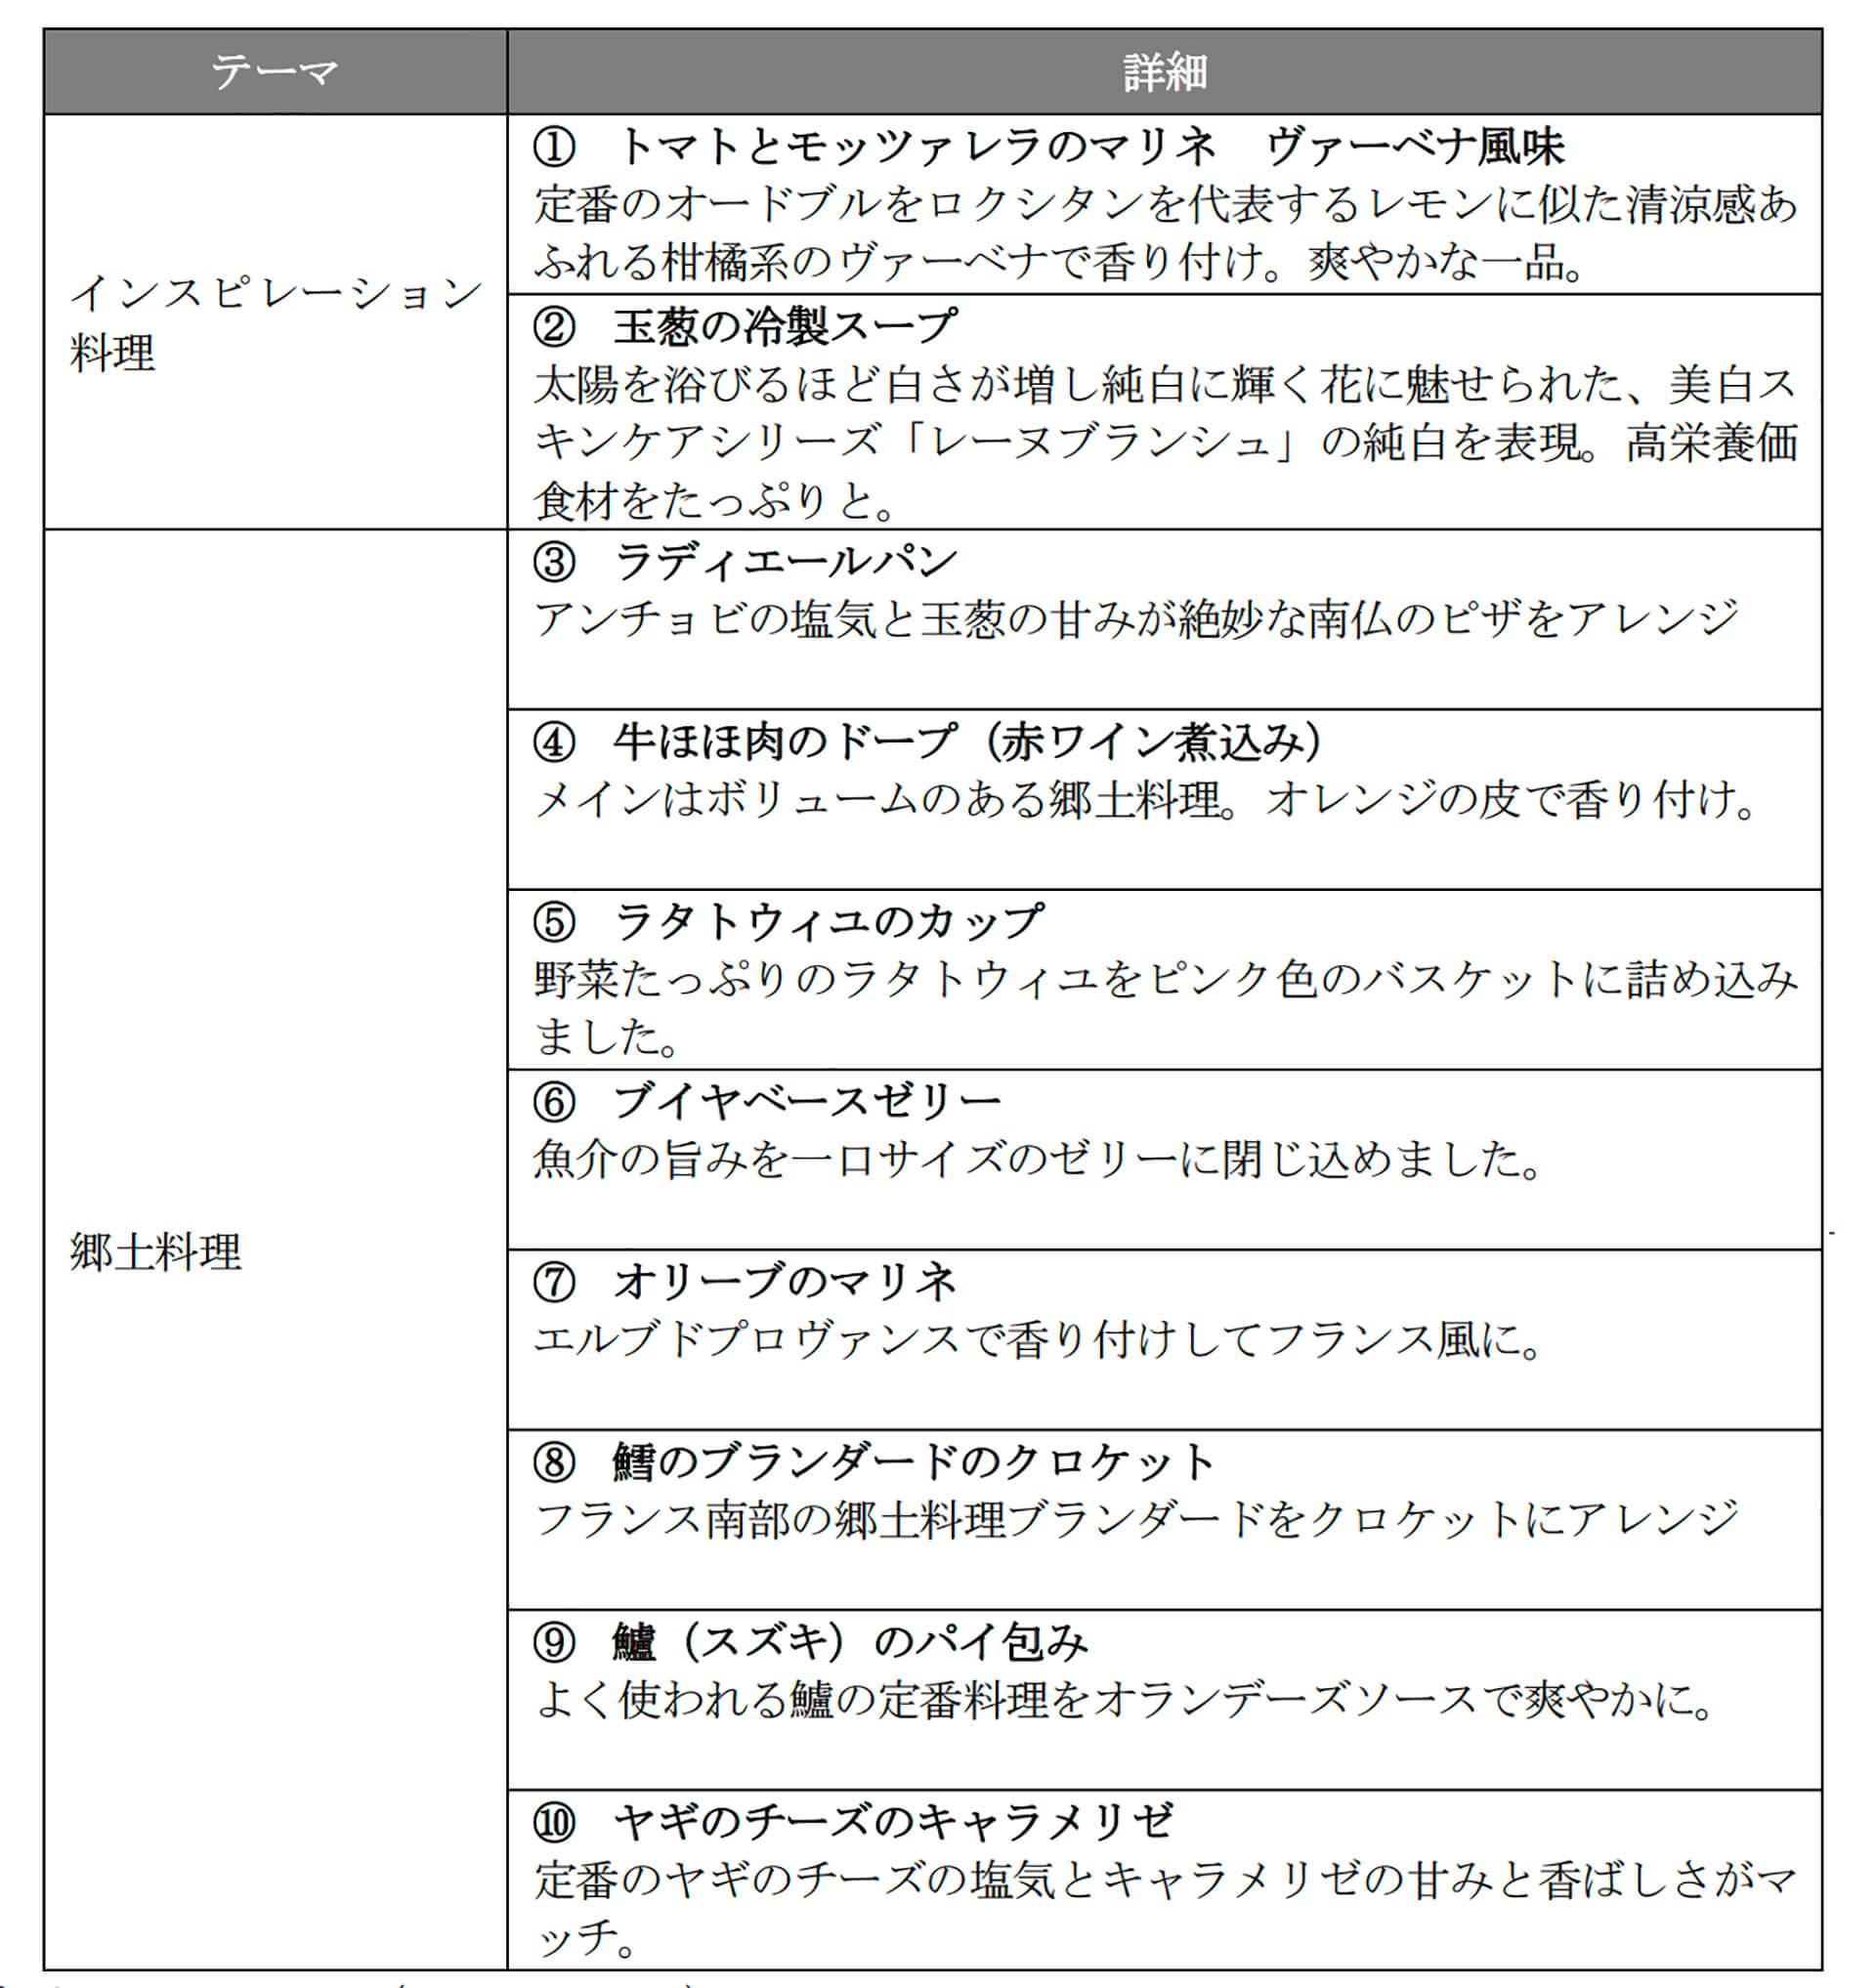 シャンパンガーデン in Greenイメージ・メニュー